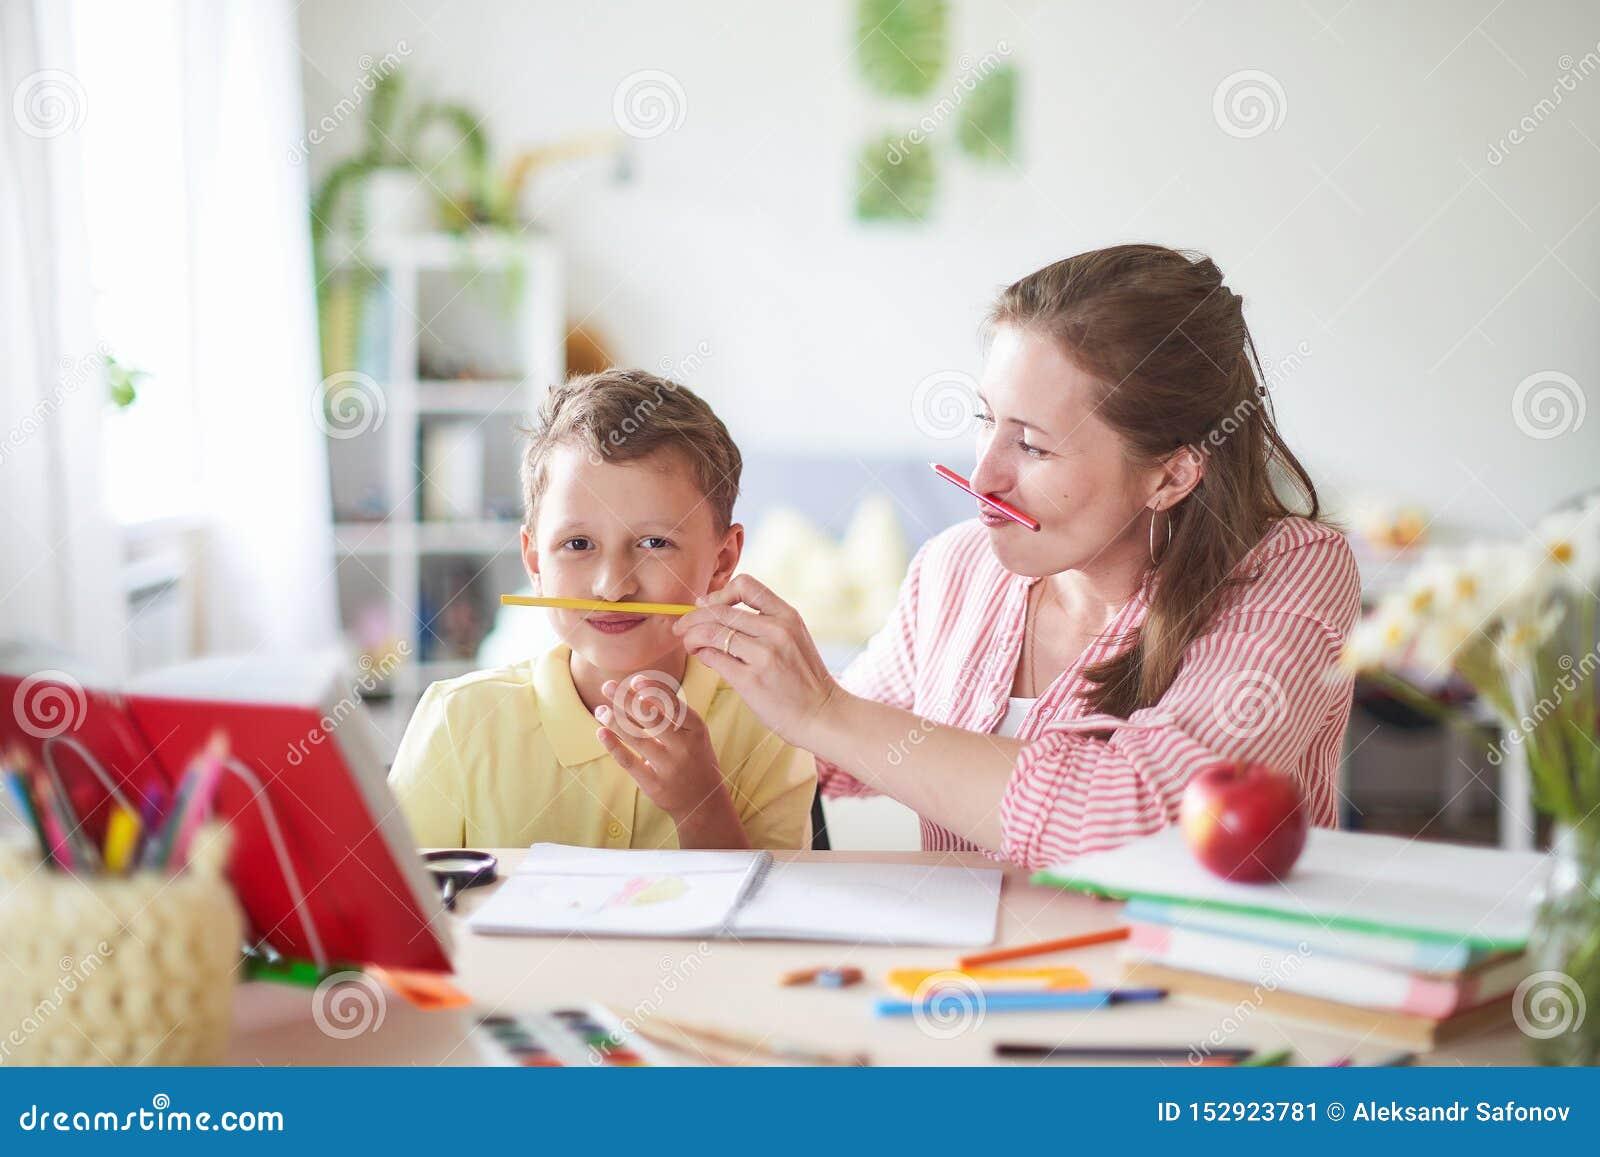 Η μητέρα βοηθά το γιο για να κάνει τα μαθήματα εγχώρια εκπαίδευση, εγχώρια μαθήματα η γυναίκα είναι δεσμευμένη με το παιδί, ελέγχ